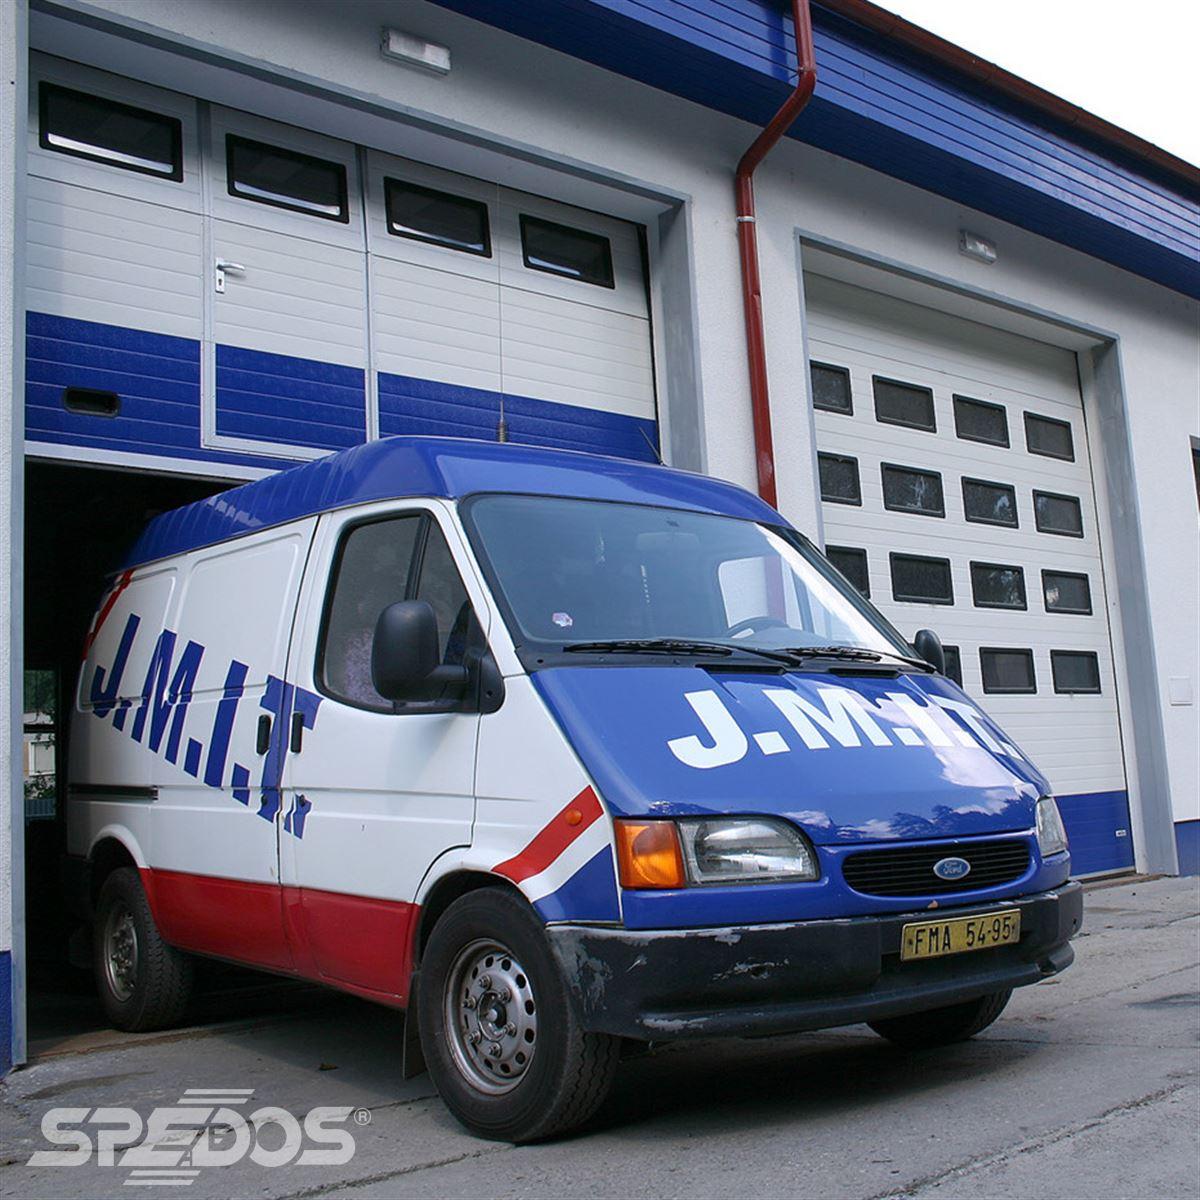 Průmyslová sekční vrata od firmy Spedos